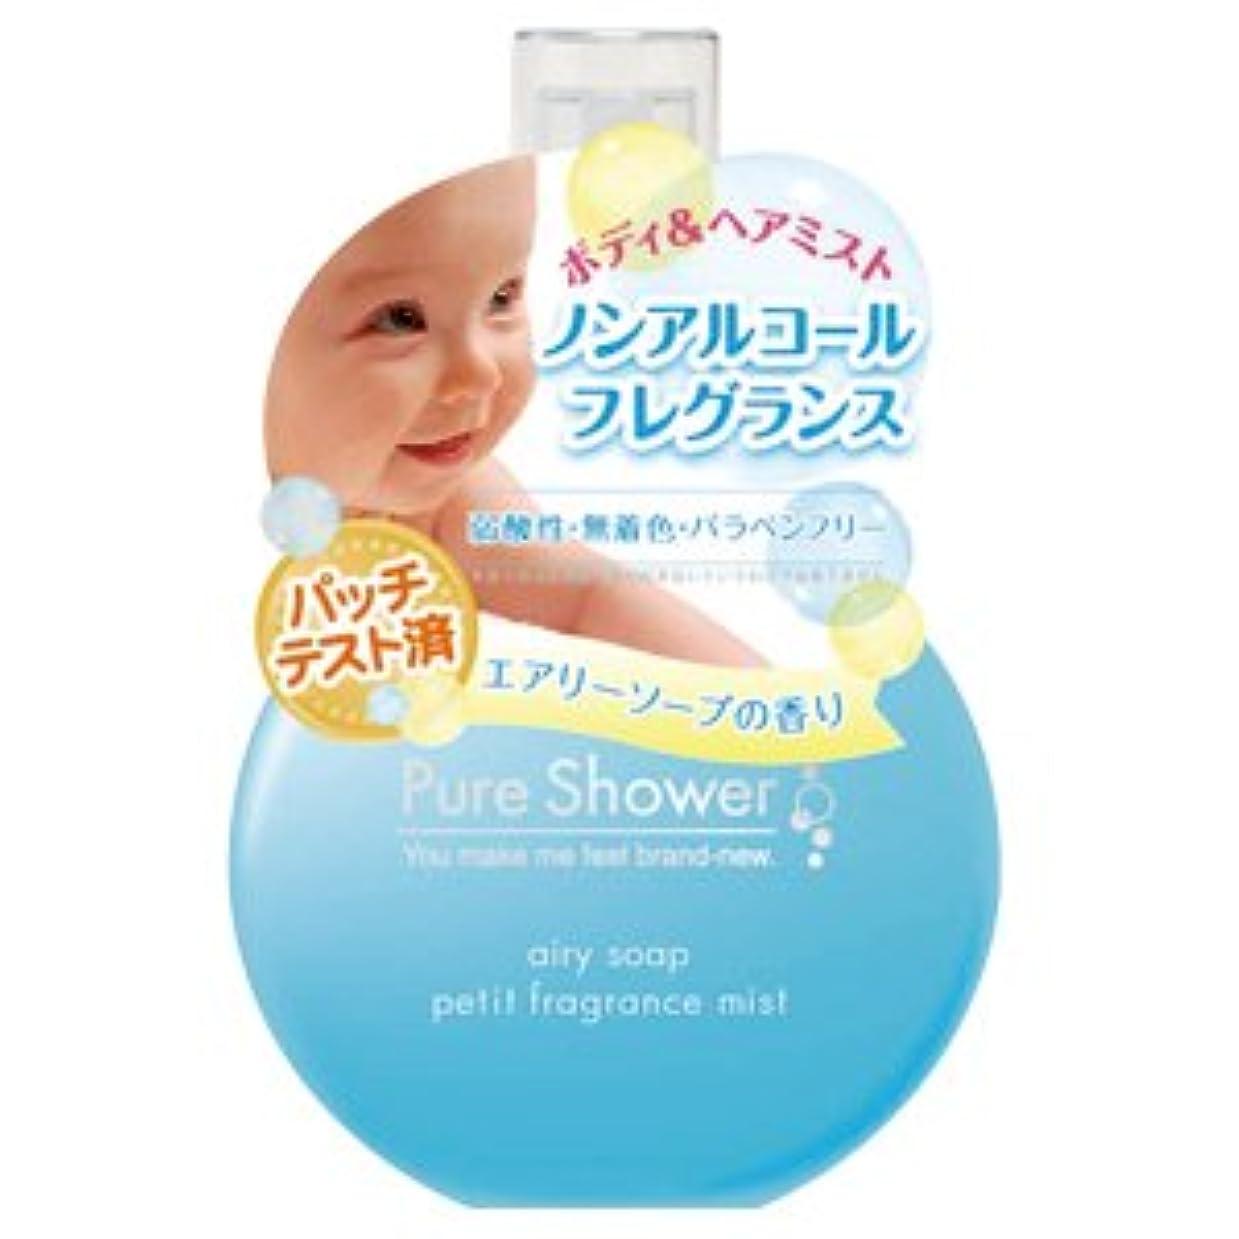 鋸歯状容疑者リゾートピュアシャワー Pure Shower ノンアルコール フレグランスミスト エアリーソープ 50ml